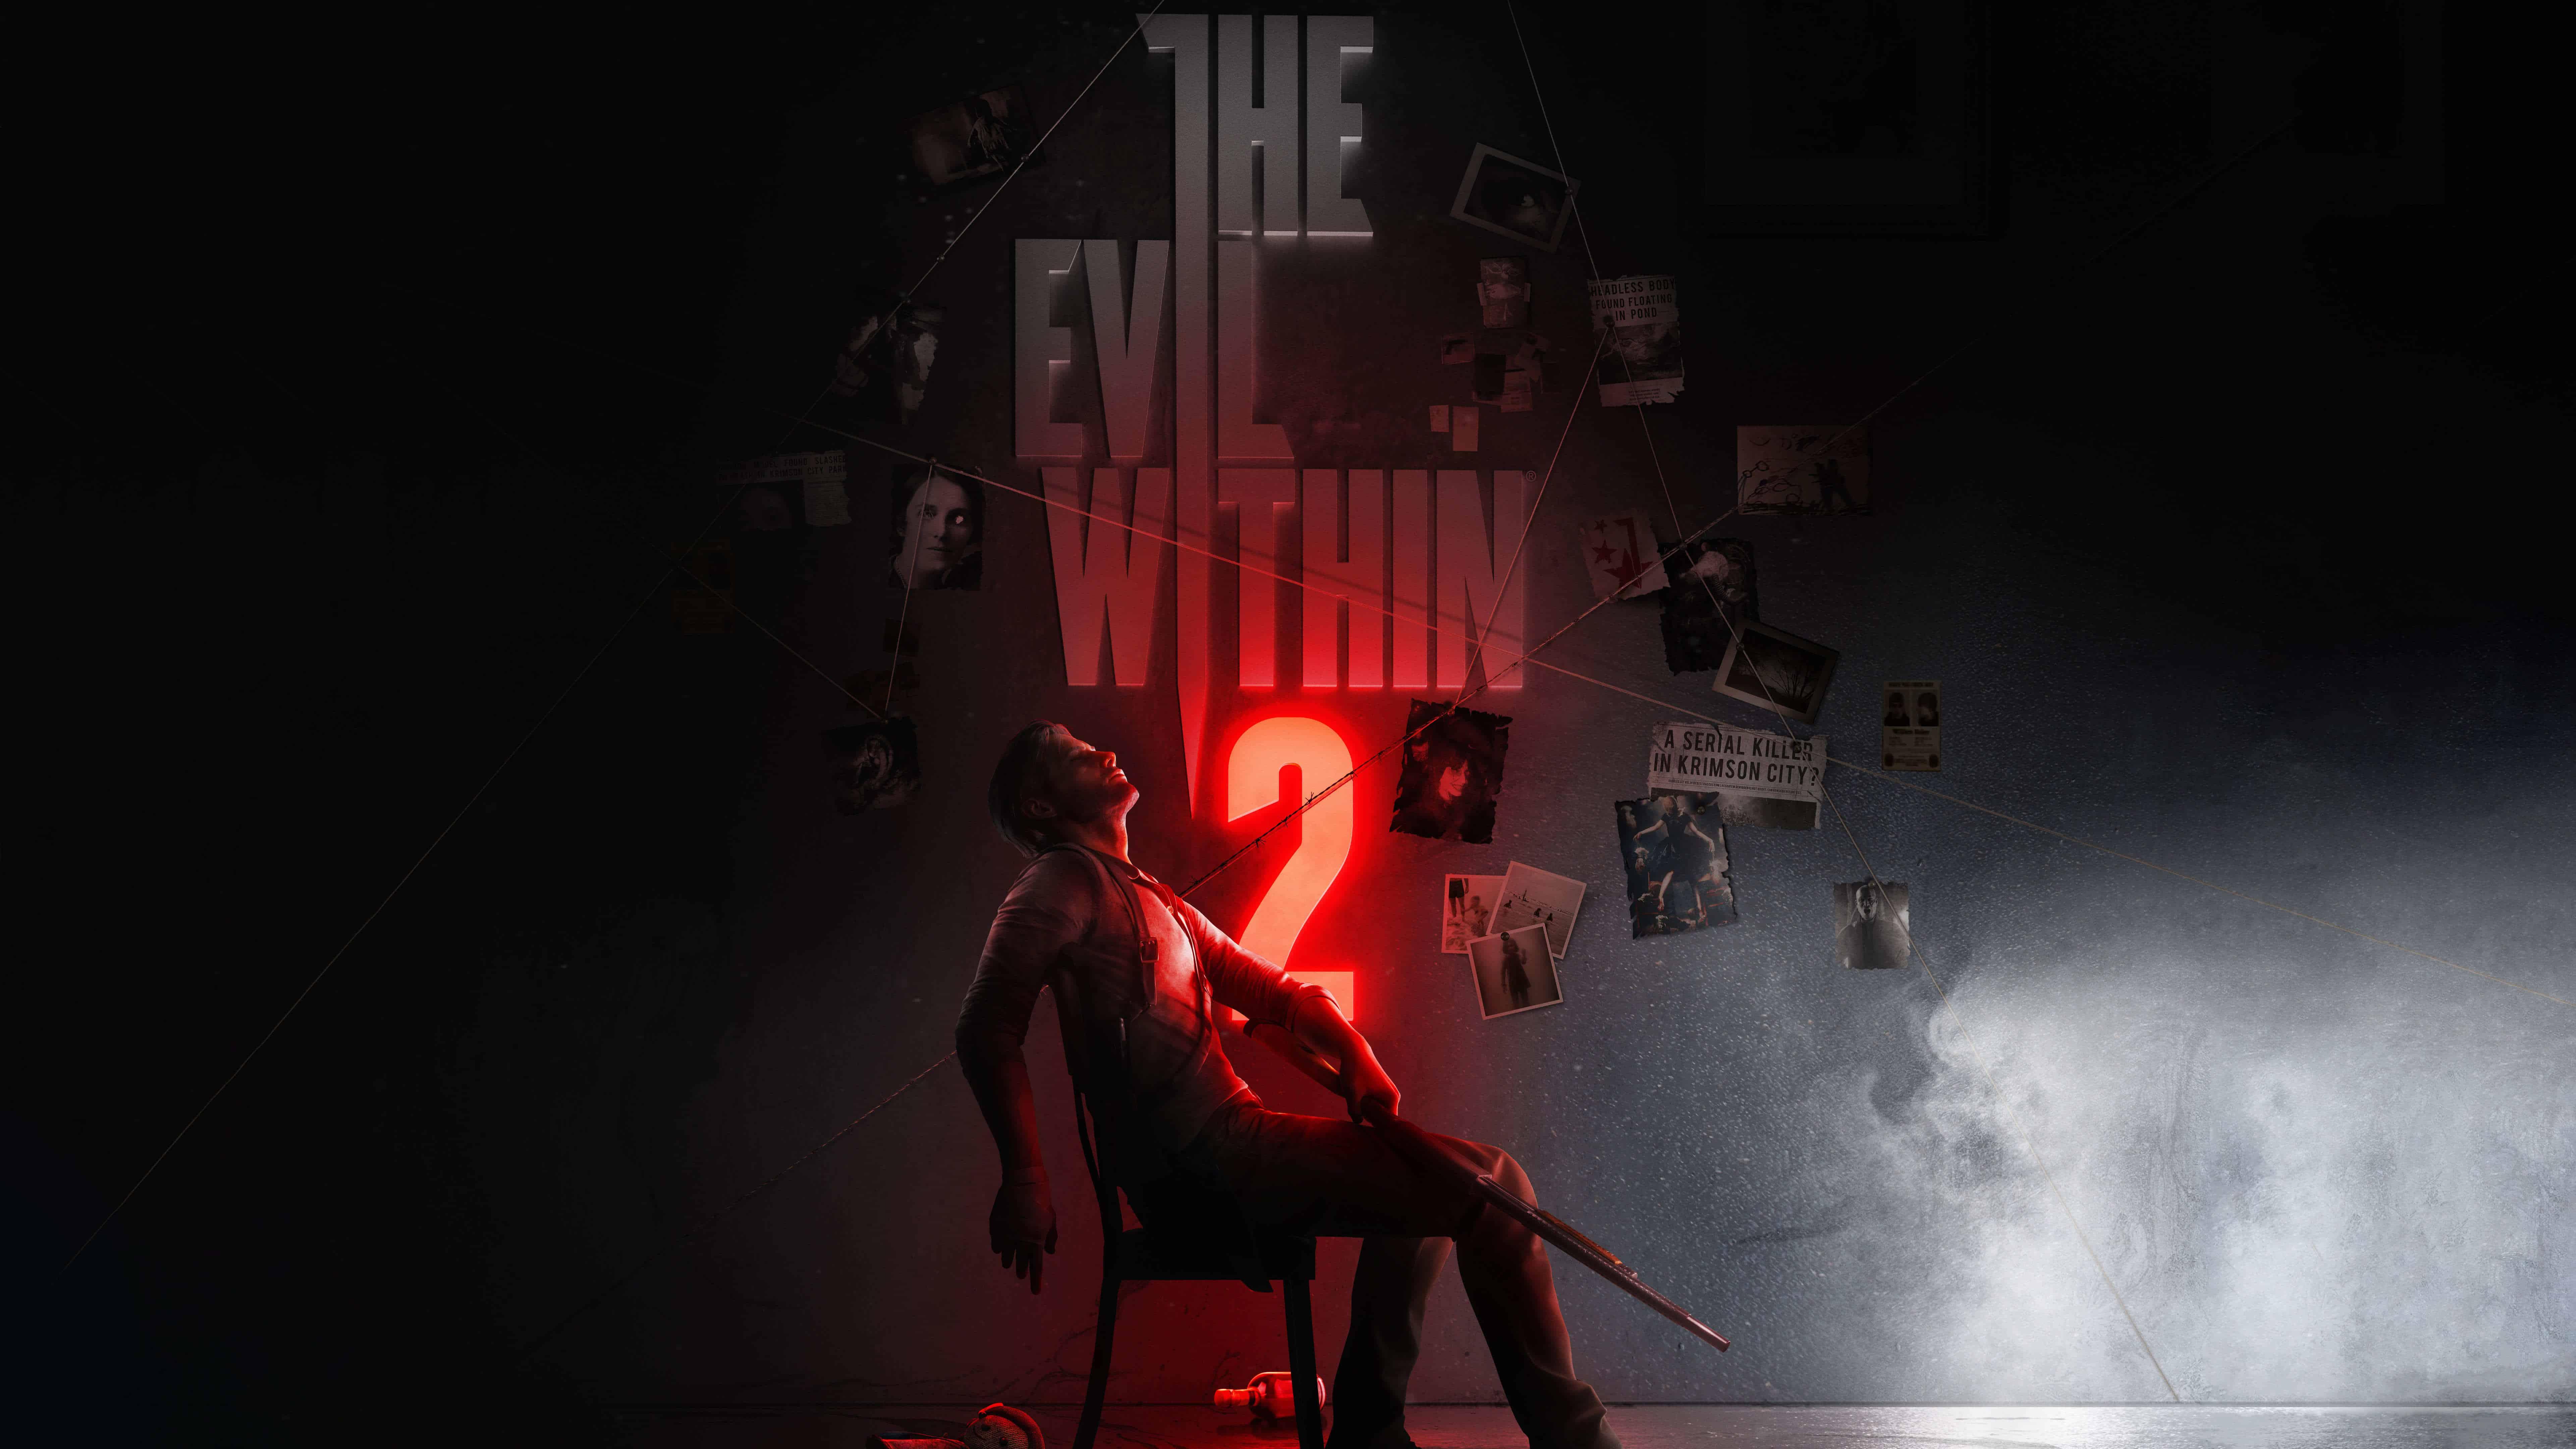 the evil within 2 art uhd 8k wallpaper